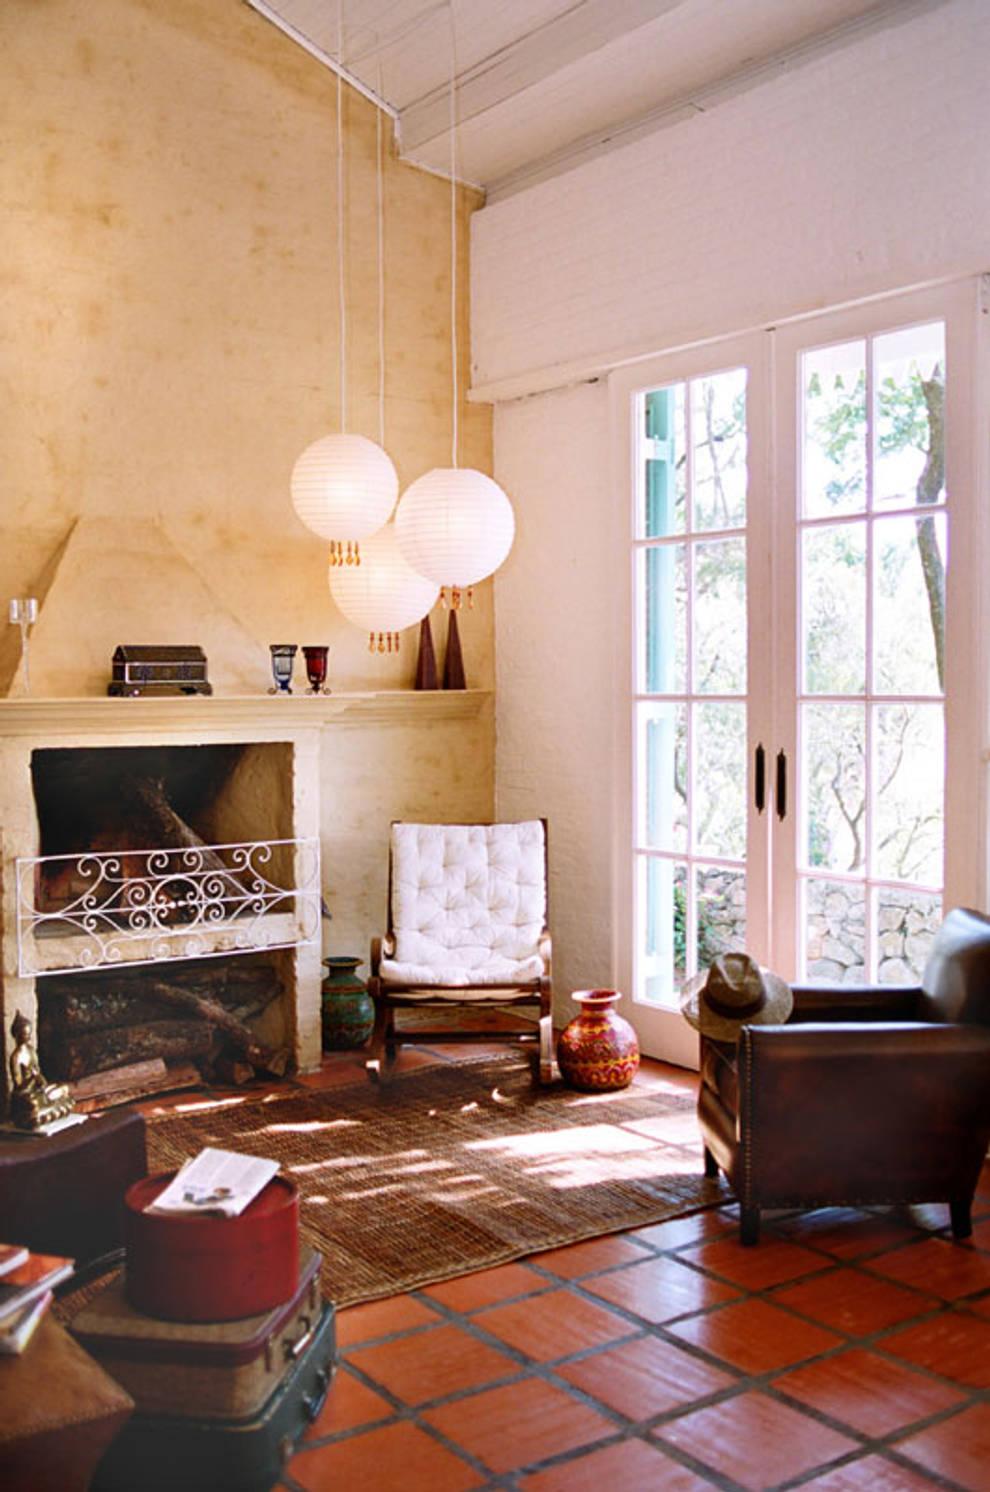 Sala da lareira: Salas de estar campestres por Célia Orlandi por Ato em Arte